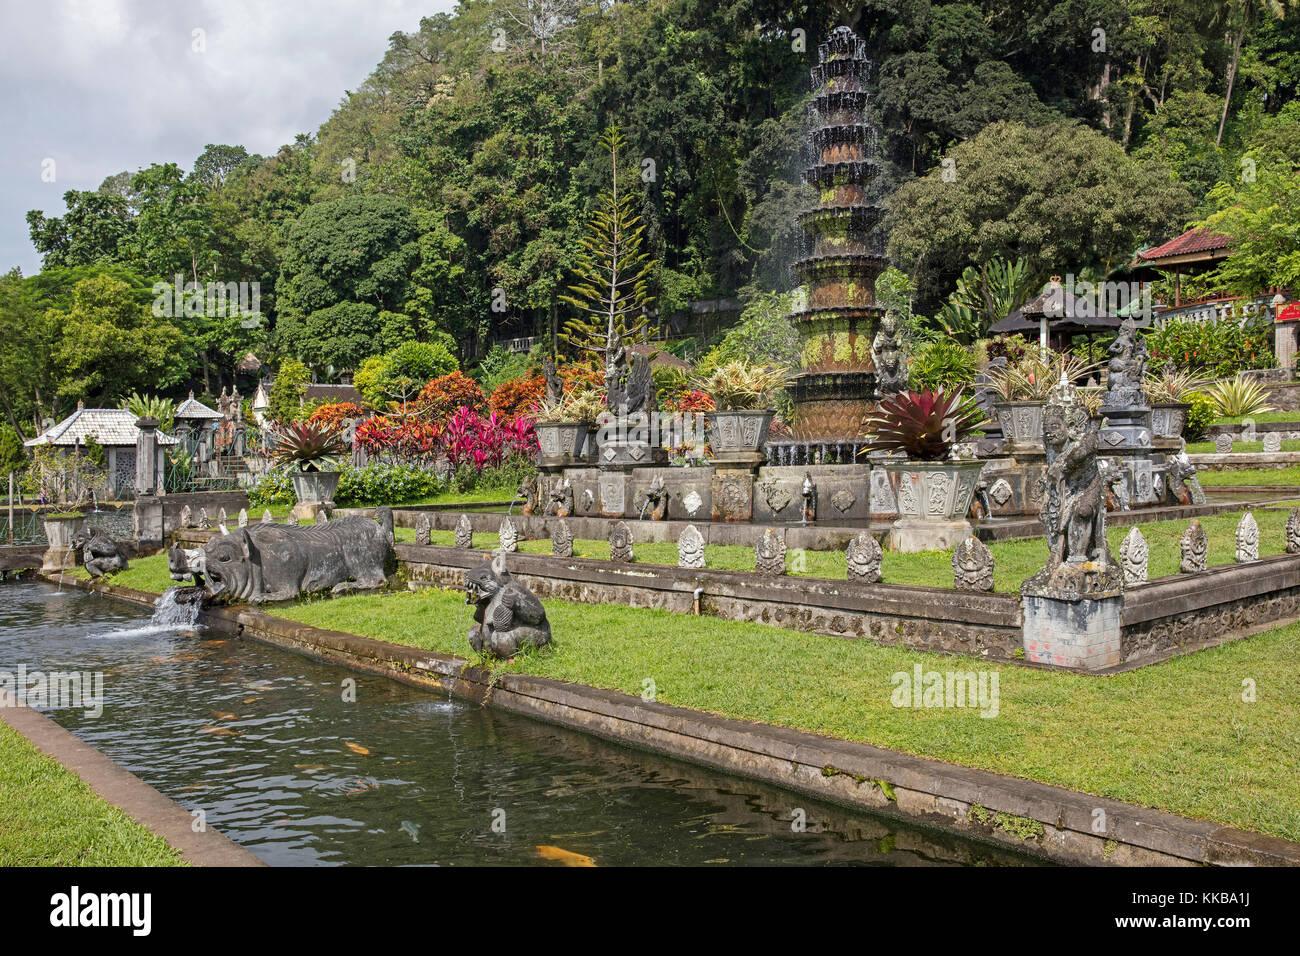 Tirta Gangga, fontaine à eau ancien palais royal à ababi, karangasem près de abang dans l'Est Photo Stock